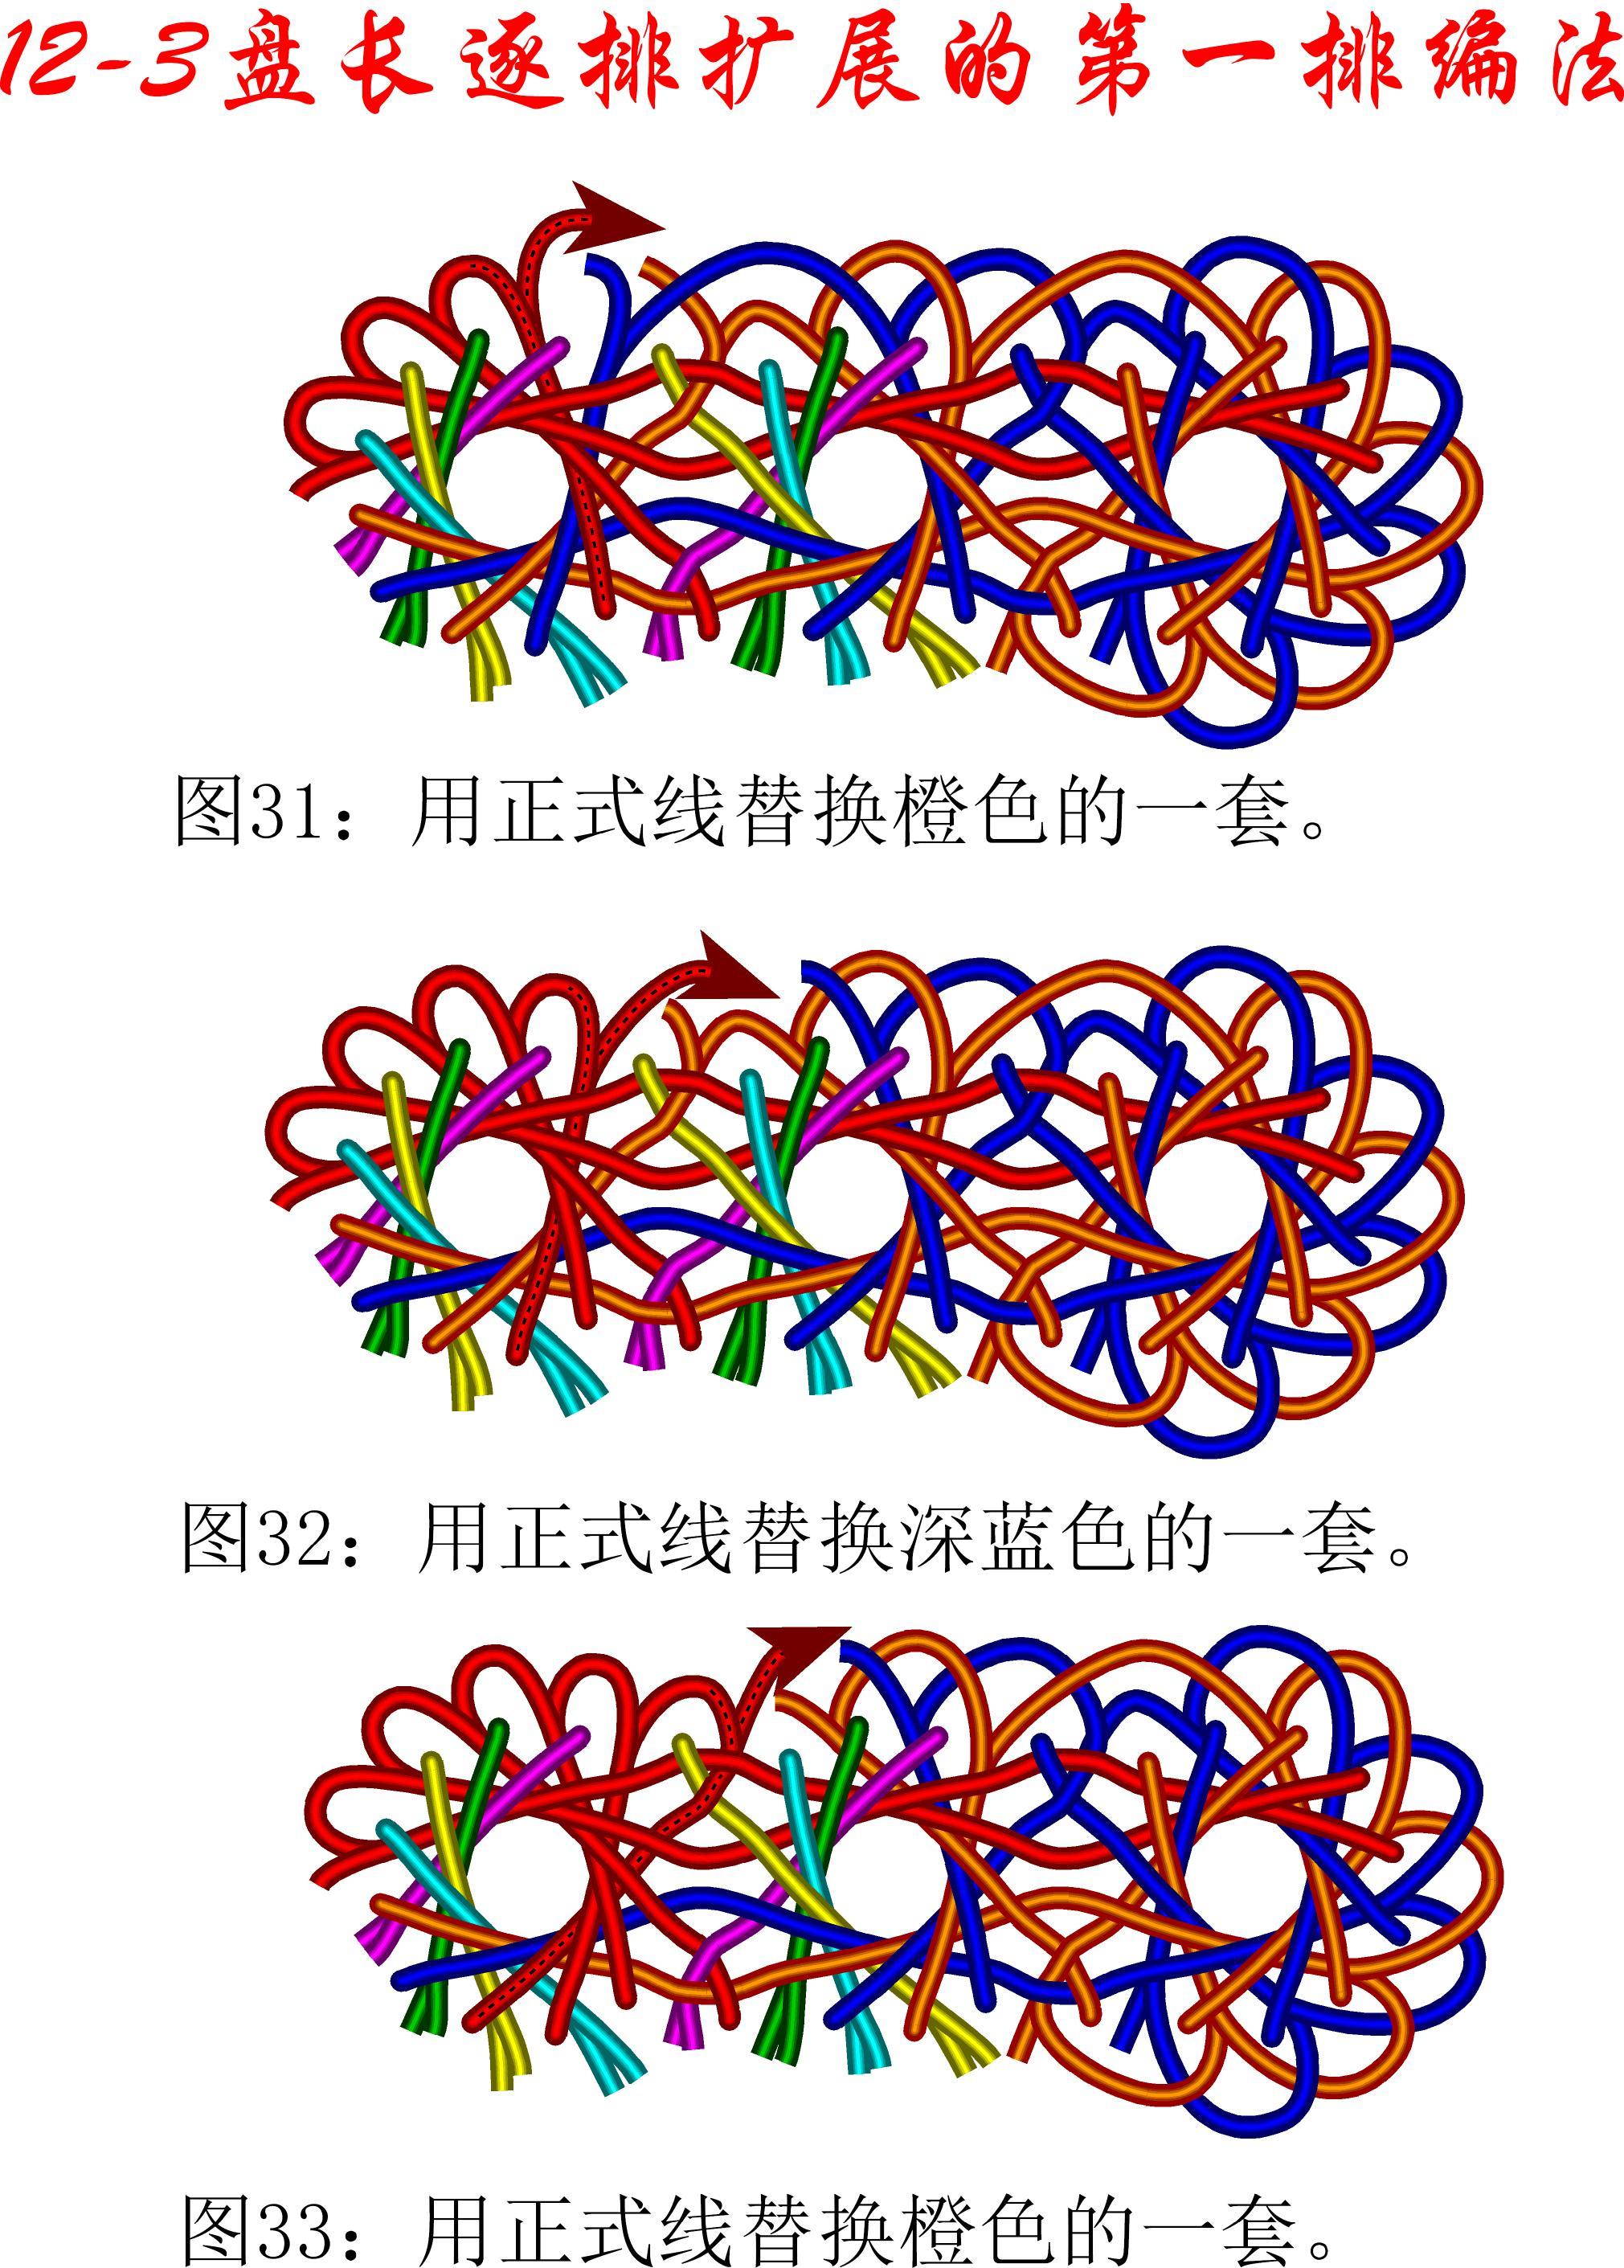 中国结论坛 12-3排扩展法第一排的基盘长编法教程 教程,共基接法,扩展法定义,定基分析法,扩展编码法 丑丑徒手编结 111148ta3qm4n804a6ea7r